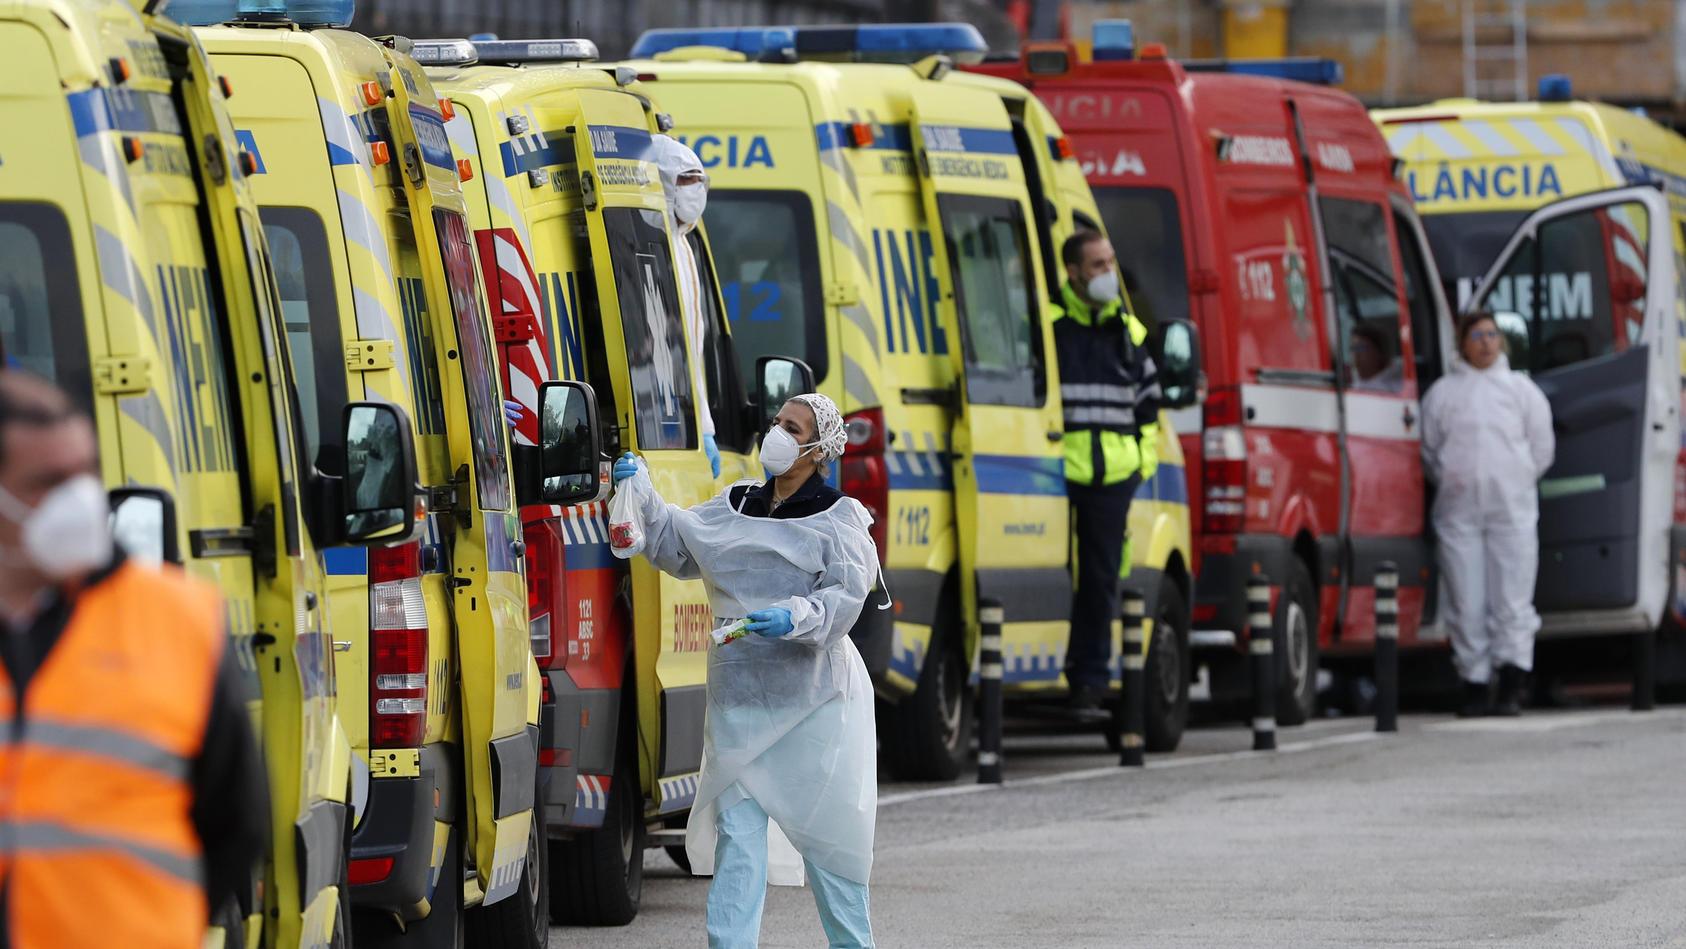 Mehr als ein Dutzend Krankenwagen stehen Schlange, um ihre COVID-19-Patienten im Santa Maria Krankenhaus an die Sanitäter zu übergeben.